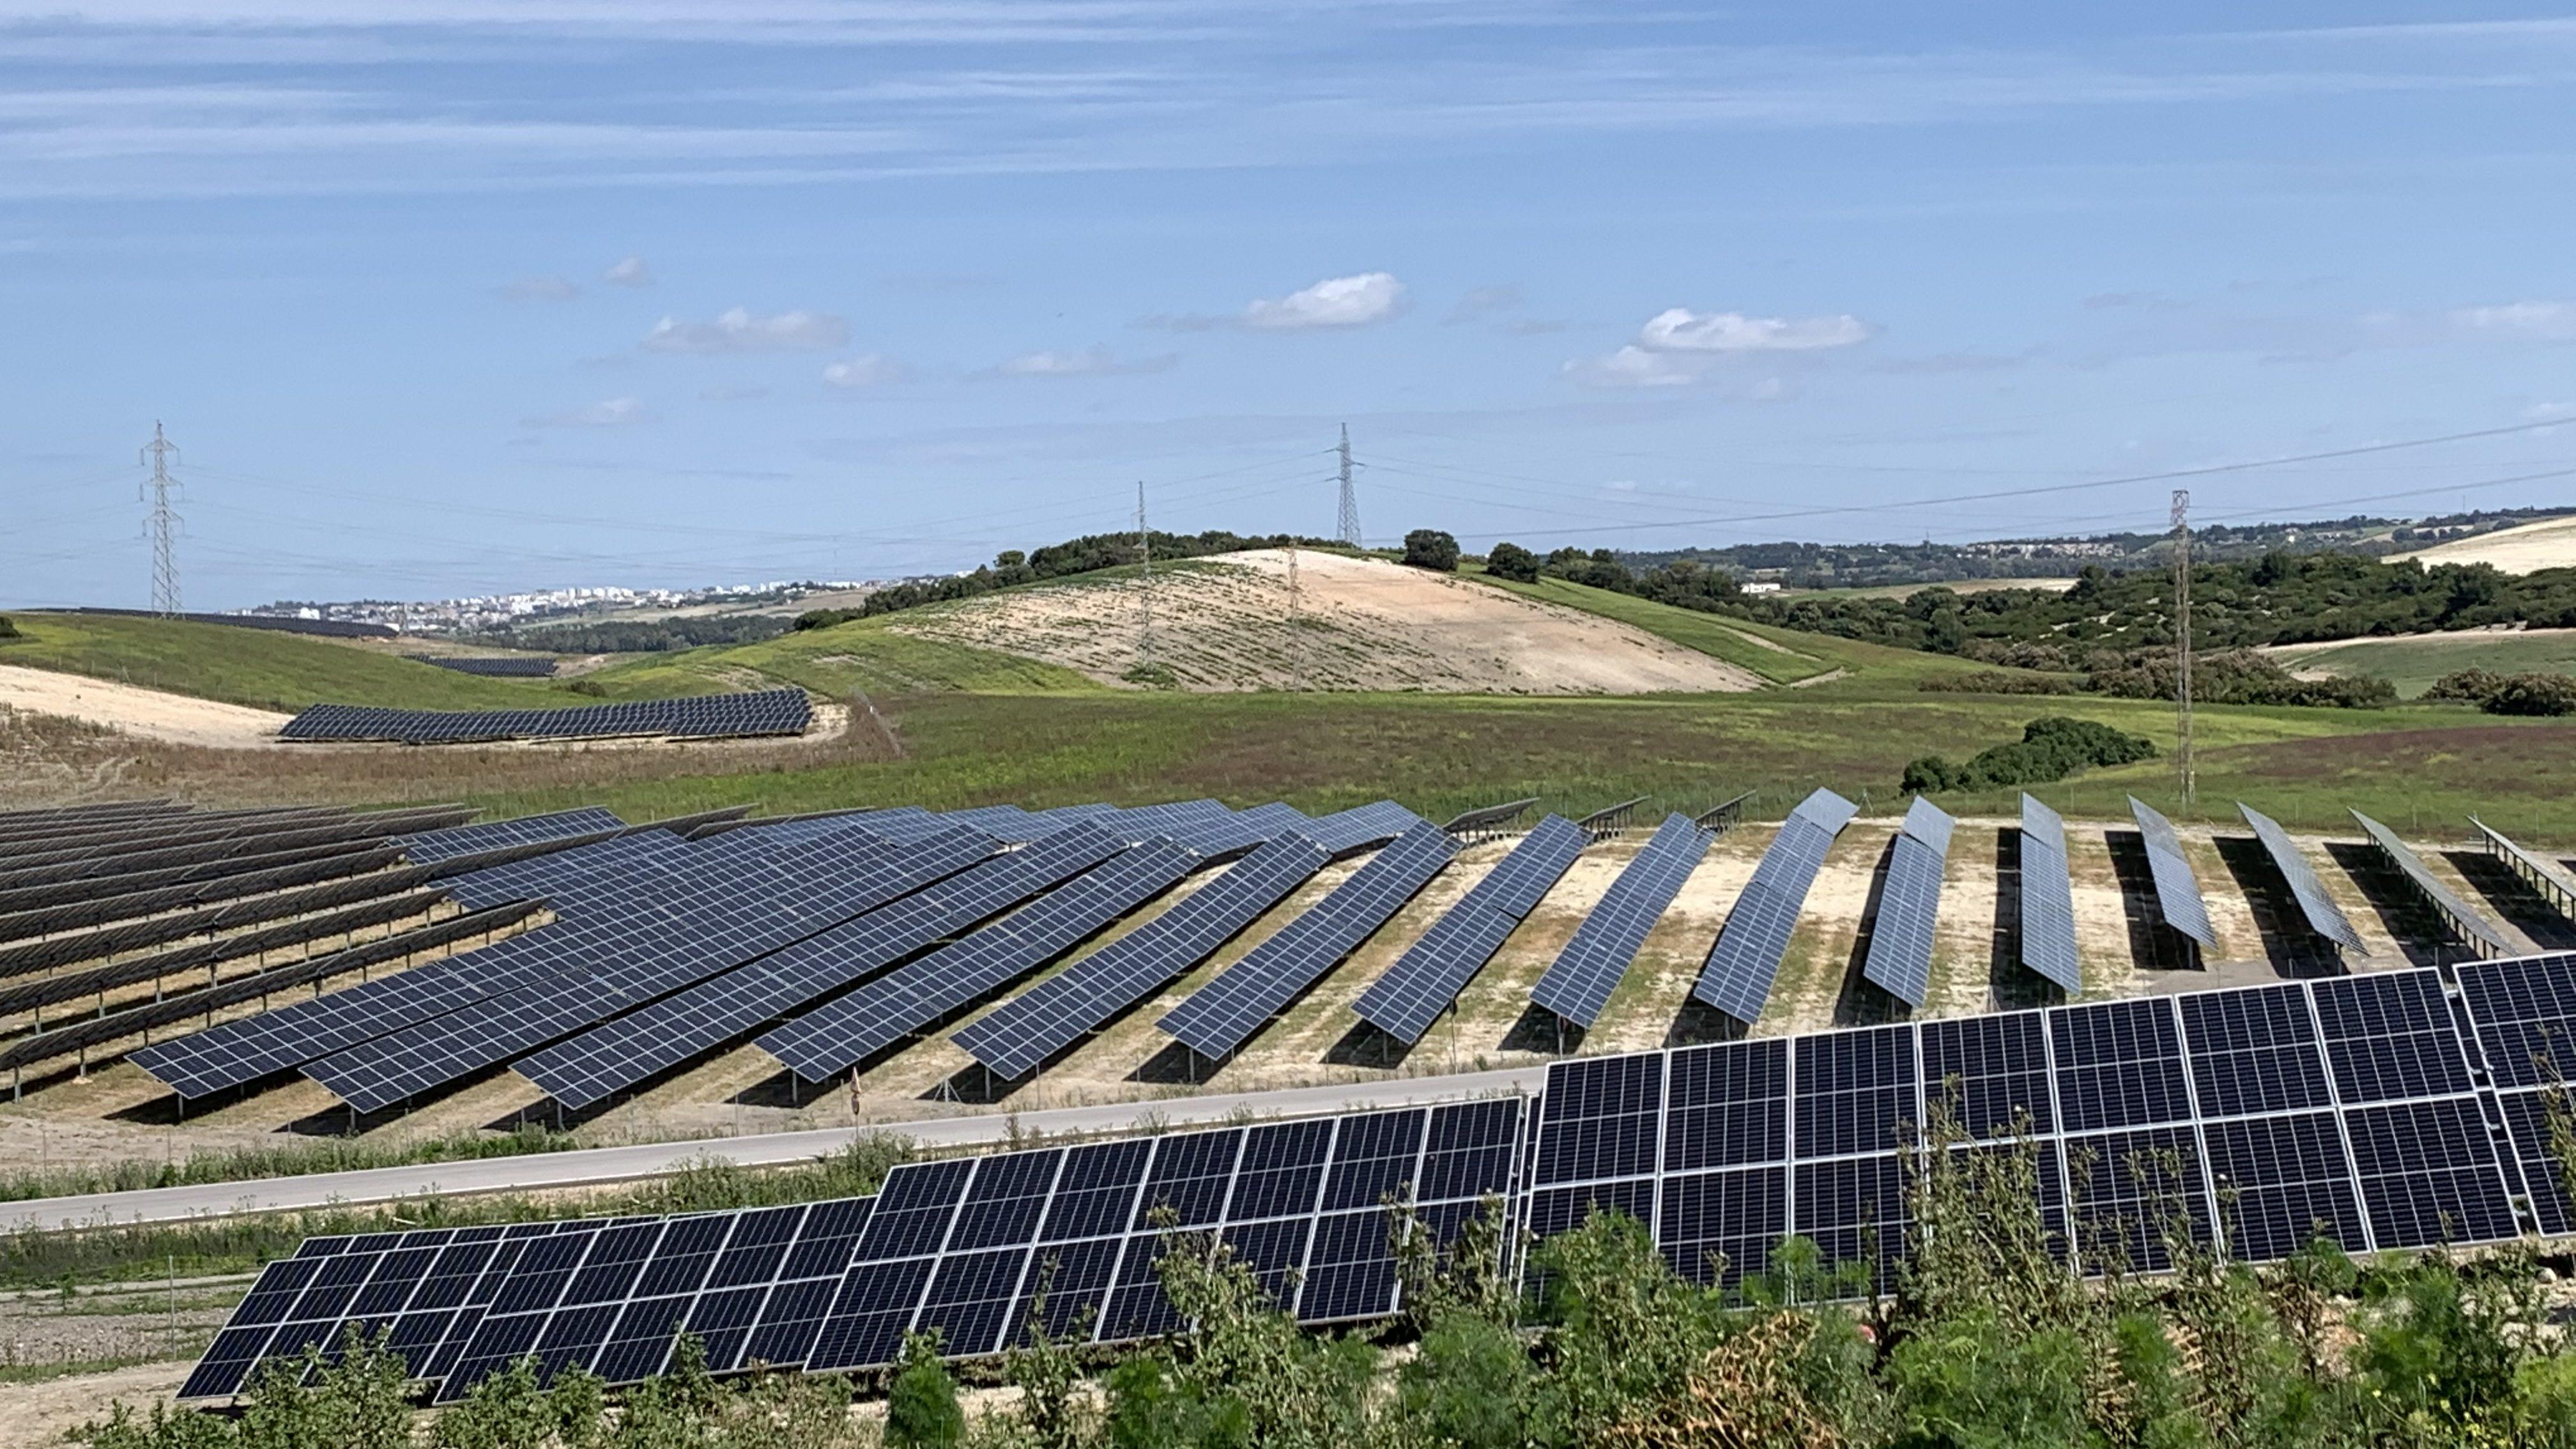 Parque solar fotovoltaico en Andalucía en fase de ejecución. Sfera Proyecto Ambiental